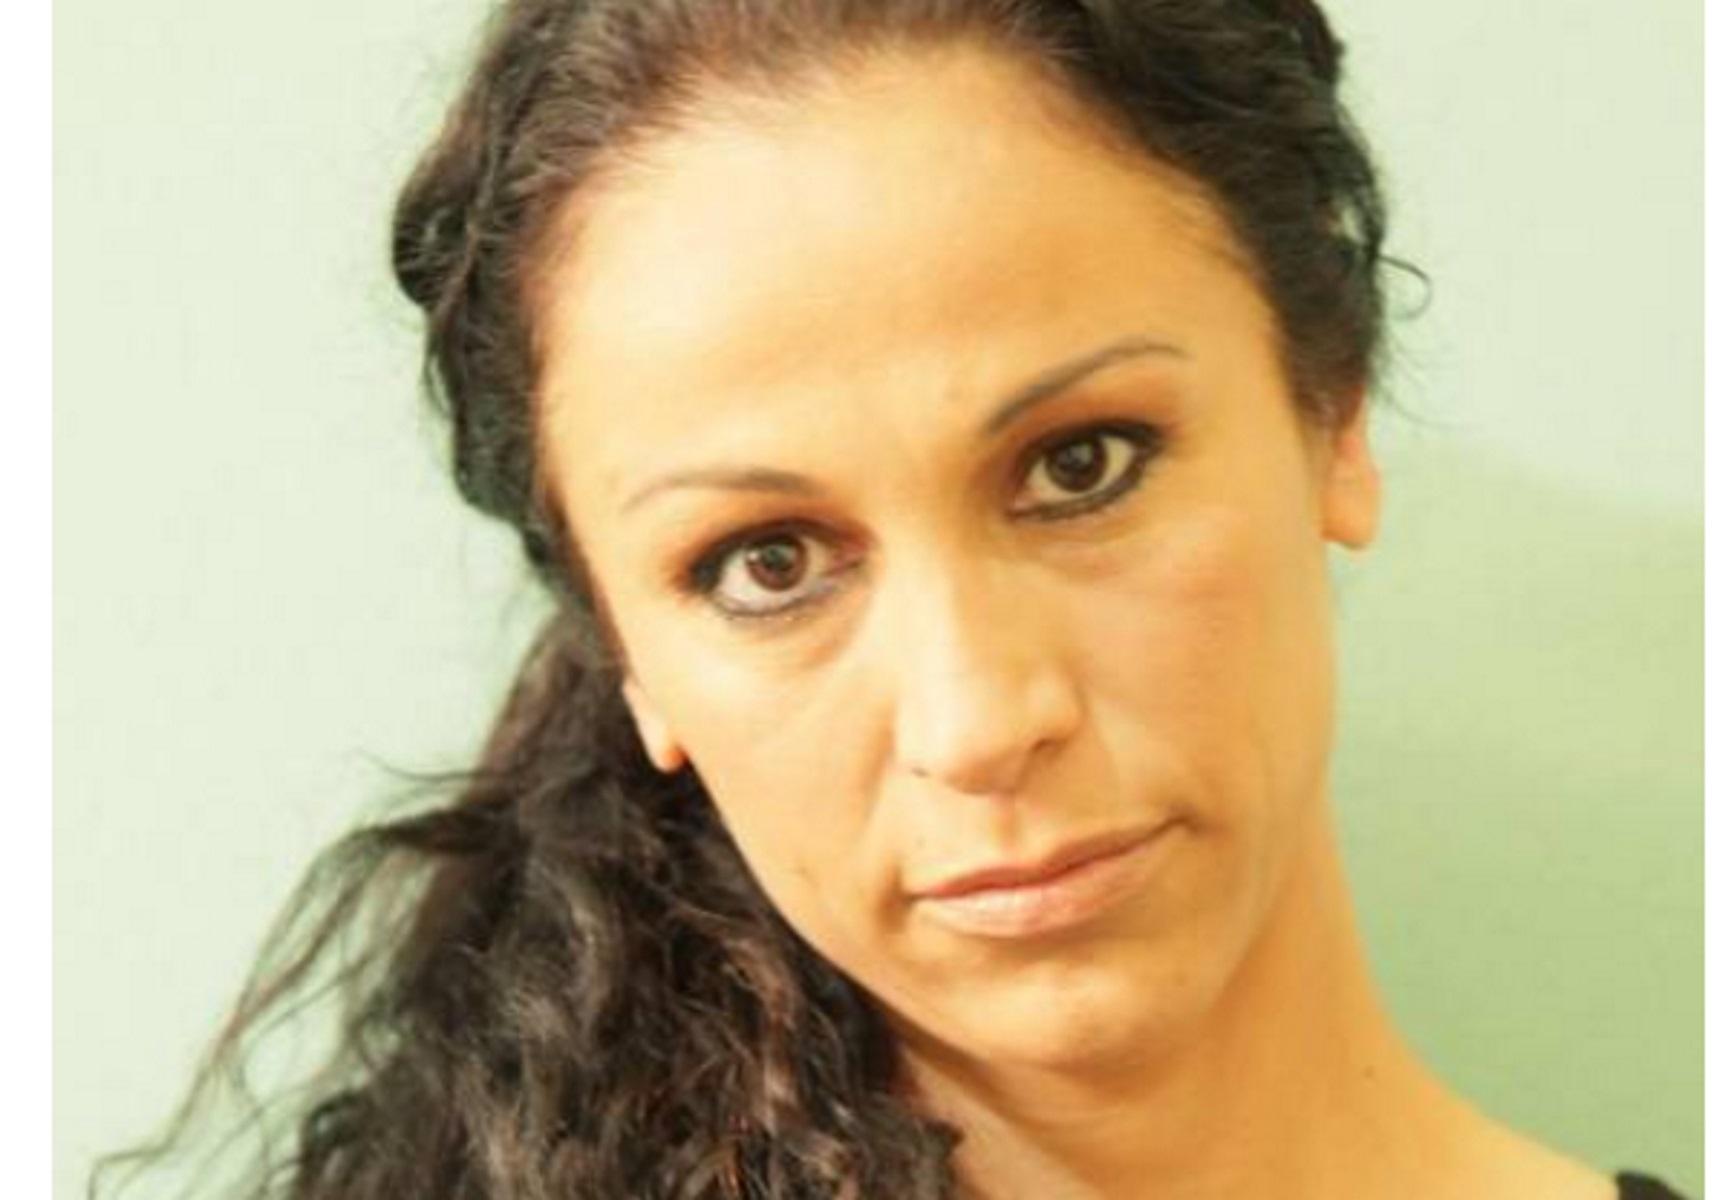 Πέθανε η ηθοποιός Δήμητρα Αγγελοπούλου – Θλίψη στο χώρο του θεάτρου